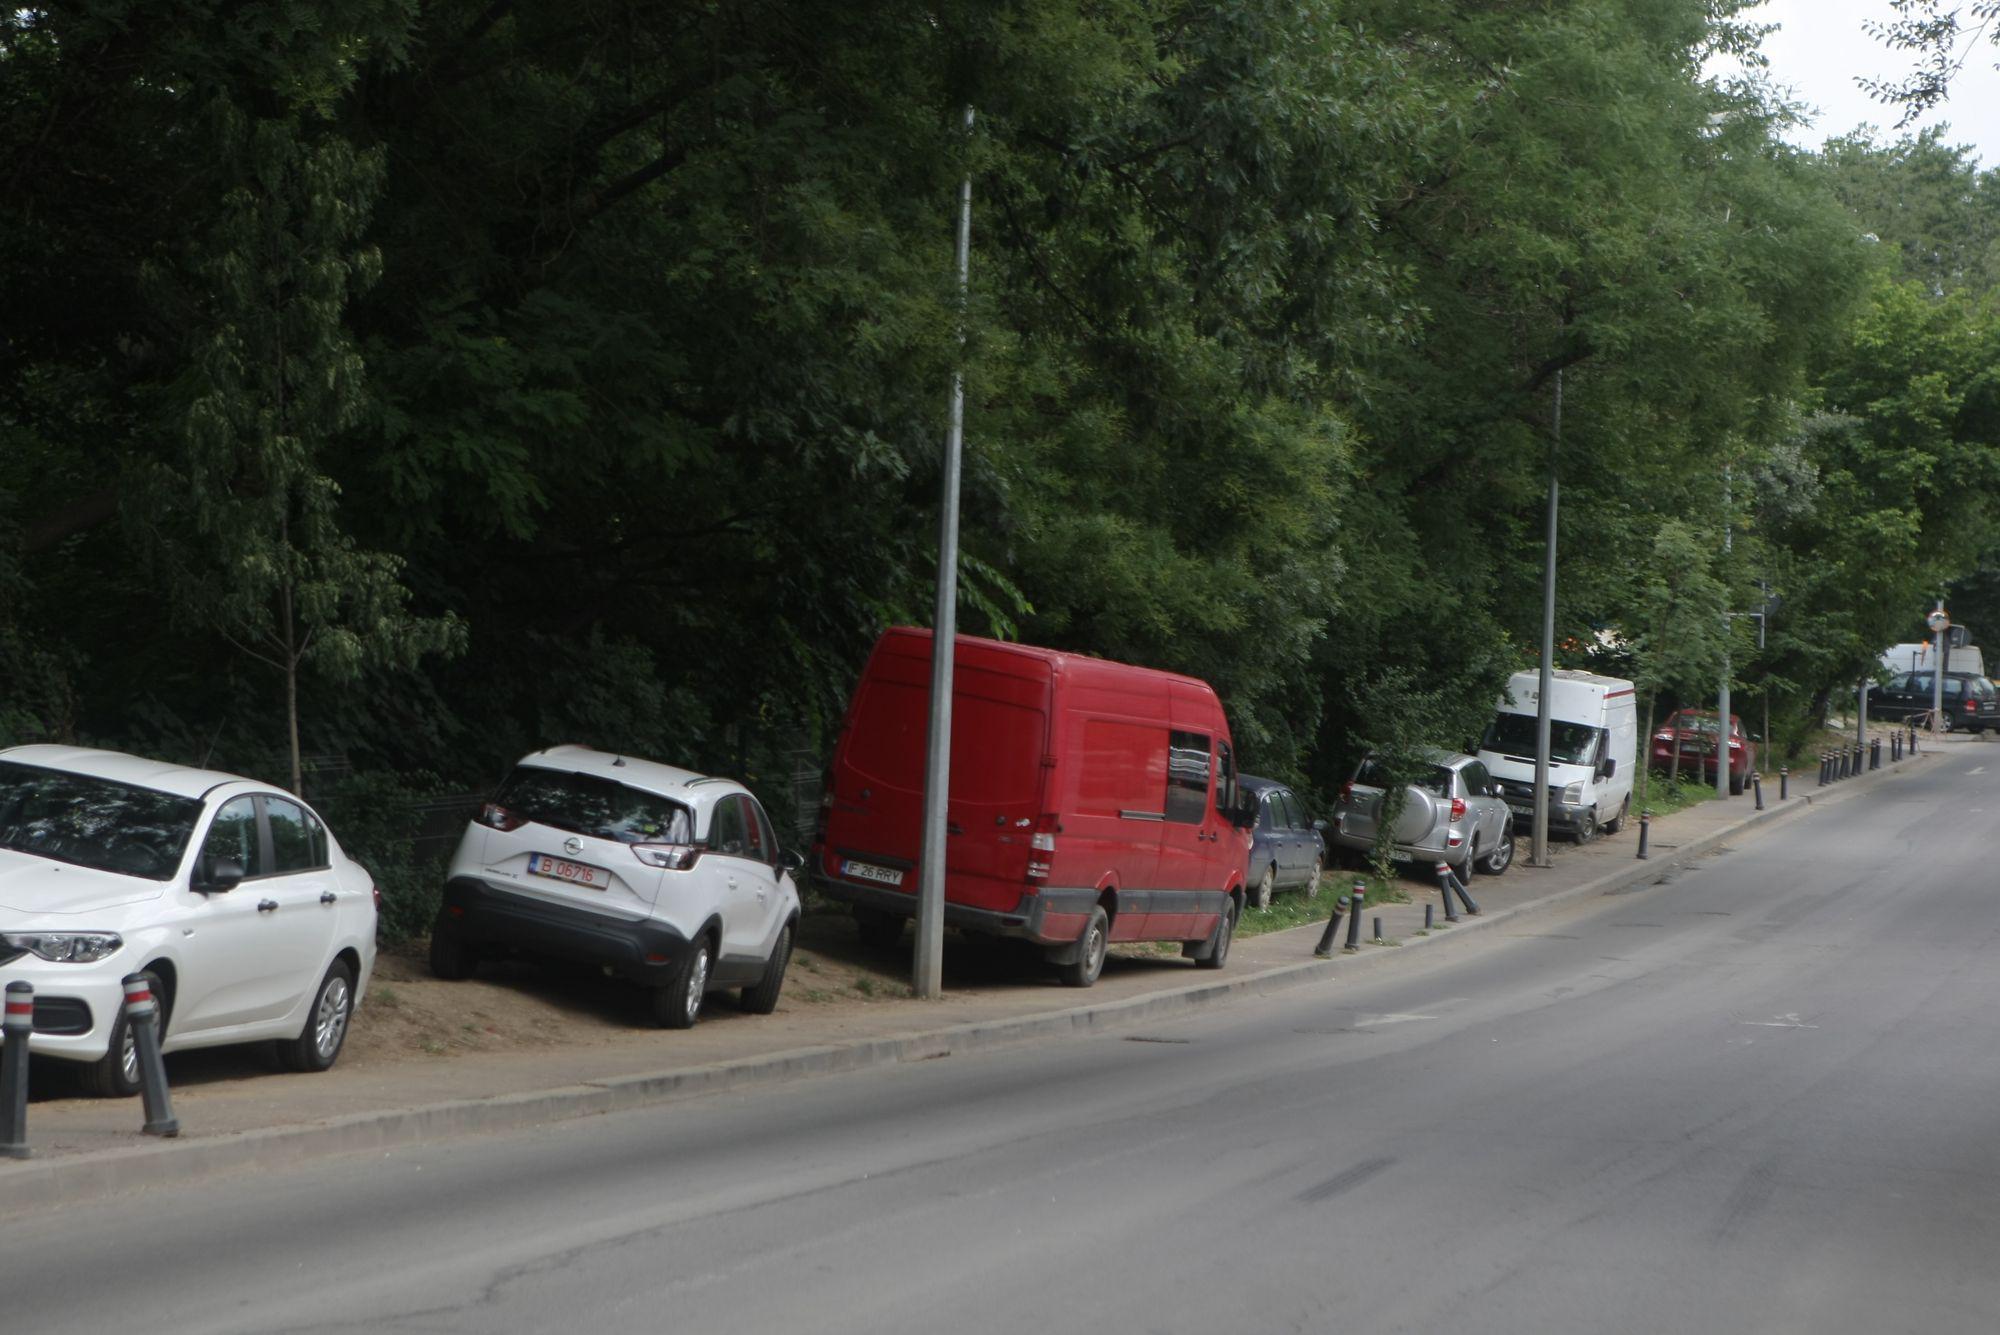 #salvatipipera | Noi măsuri în urma campaniei Libertatea: Primăria Sectorului 2 a montat garduri pentru a împiedica parcarea ilegală pe str. Gara Herăstrău